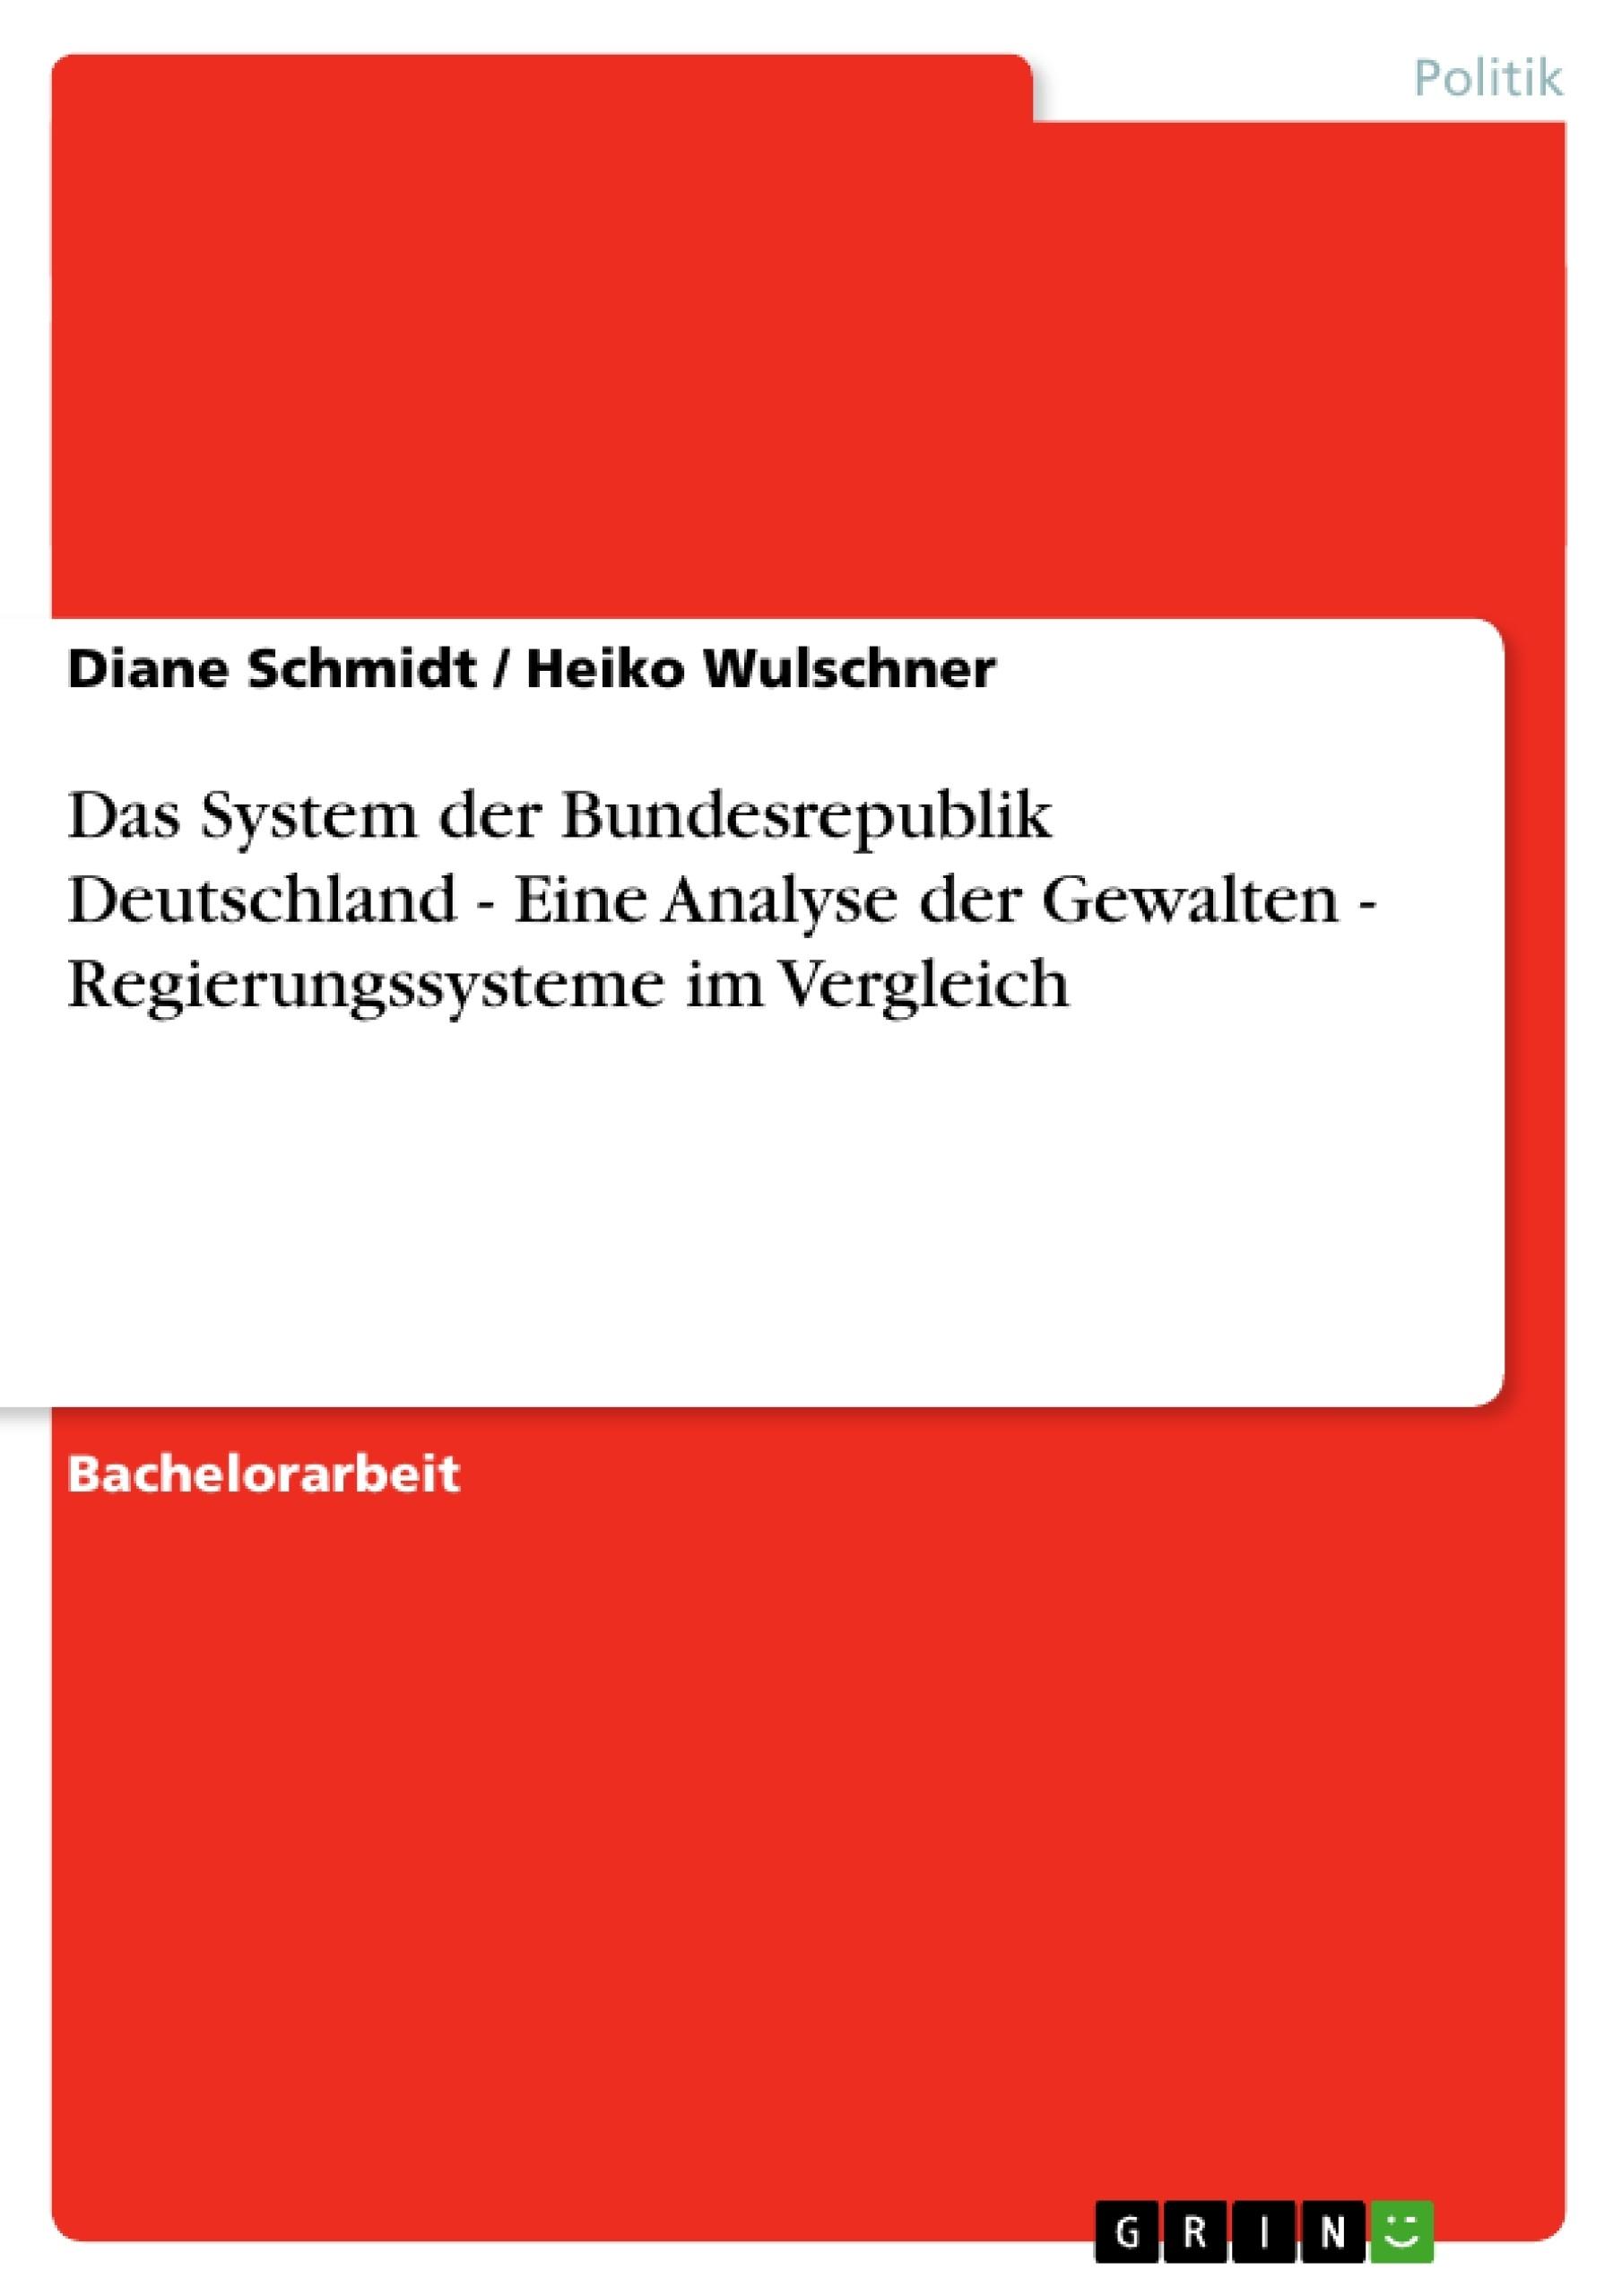 Titel: Das System der Bundesrepublik Deutschland - Eine Analyse der Gewalten - Regierungssysteme im Vergleich